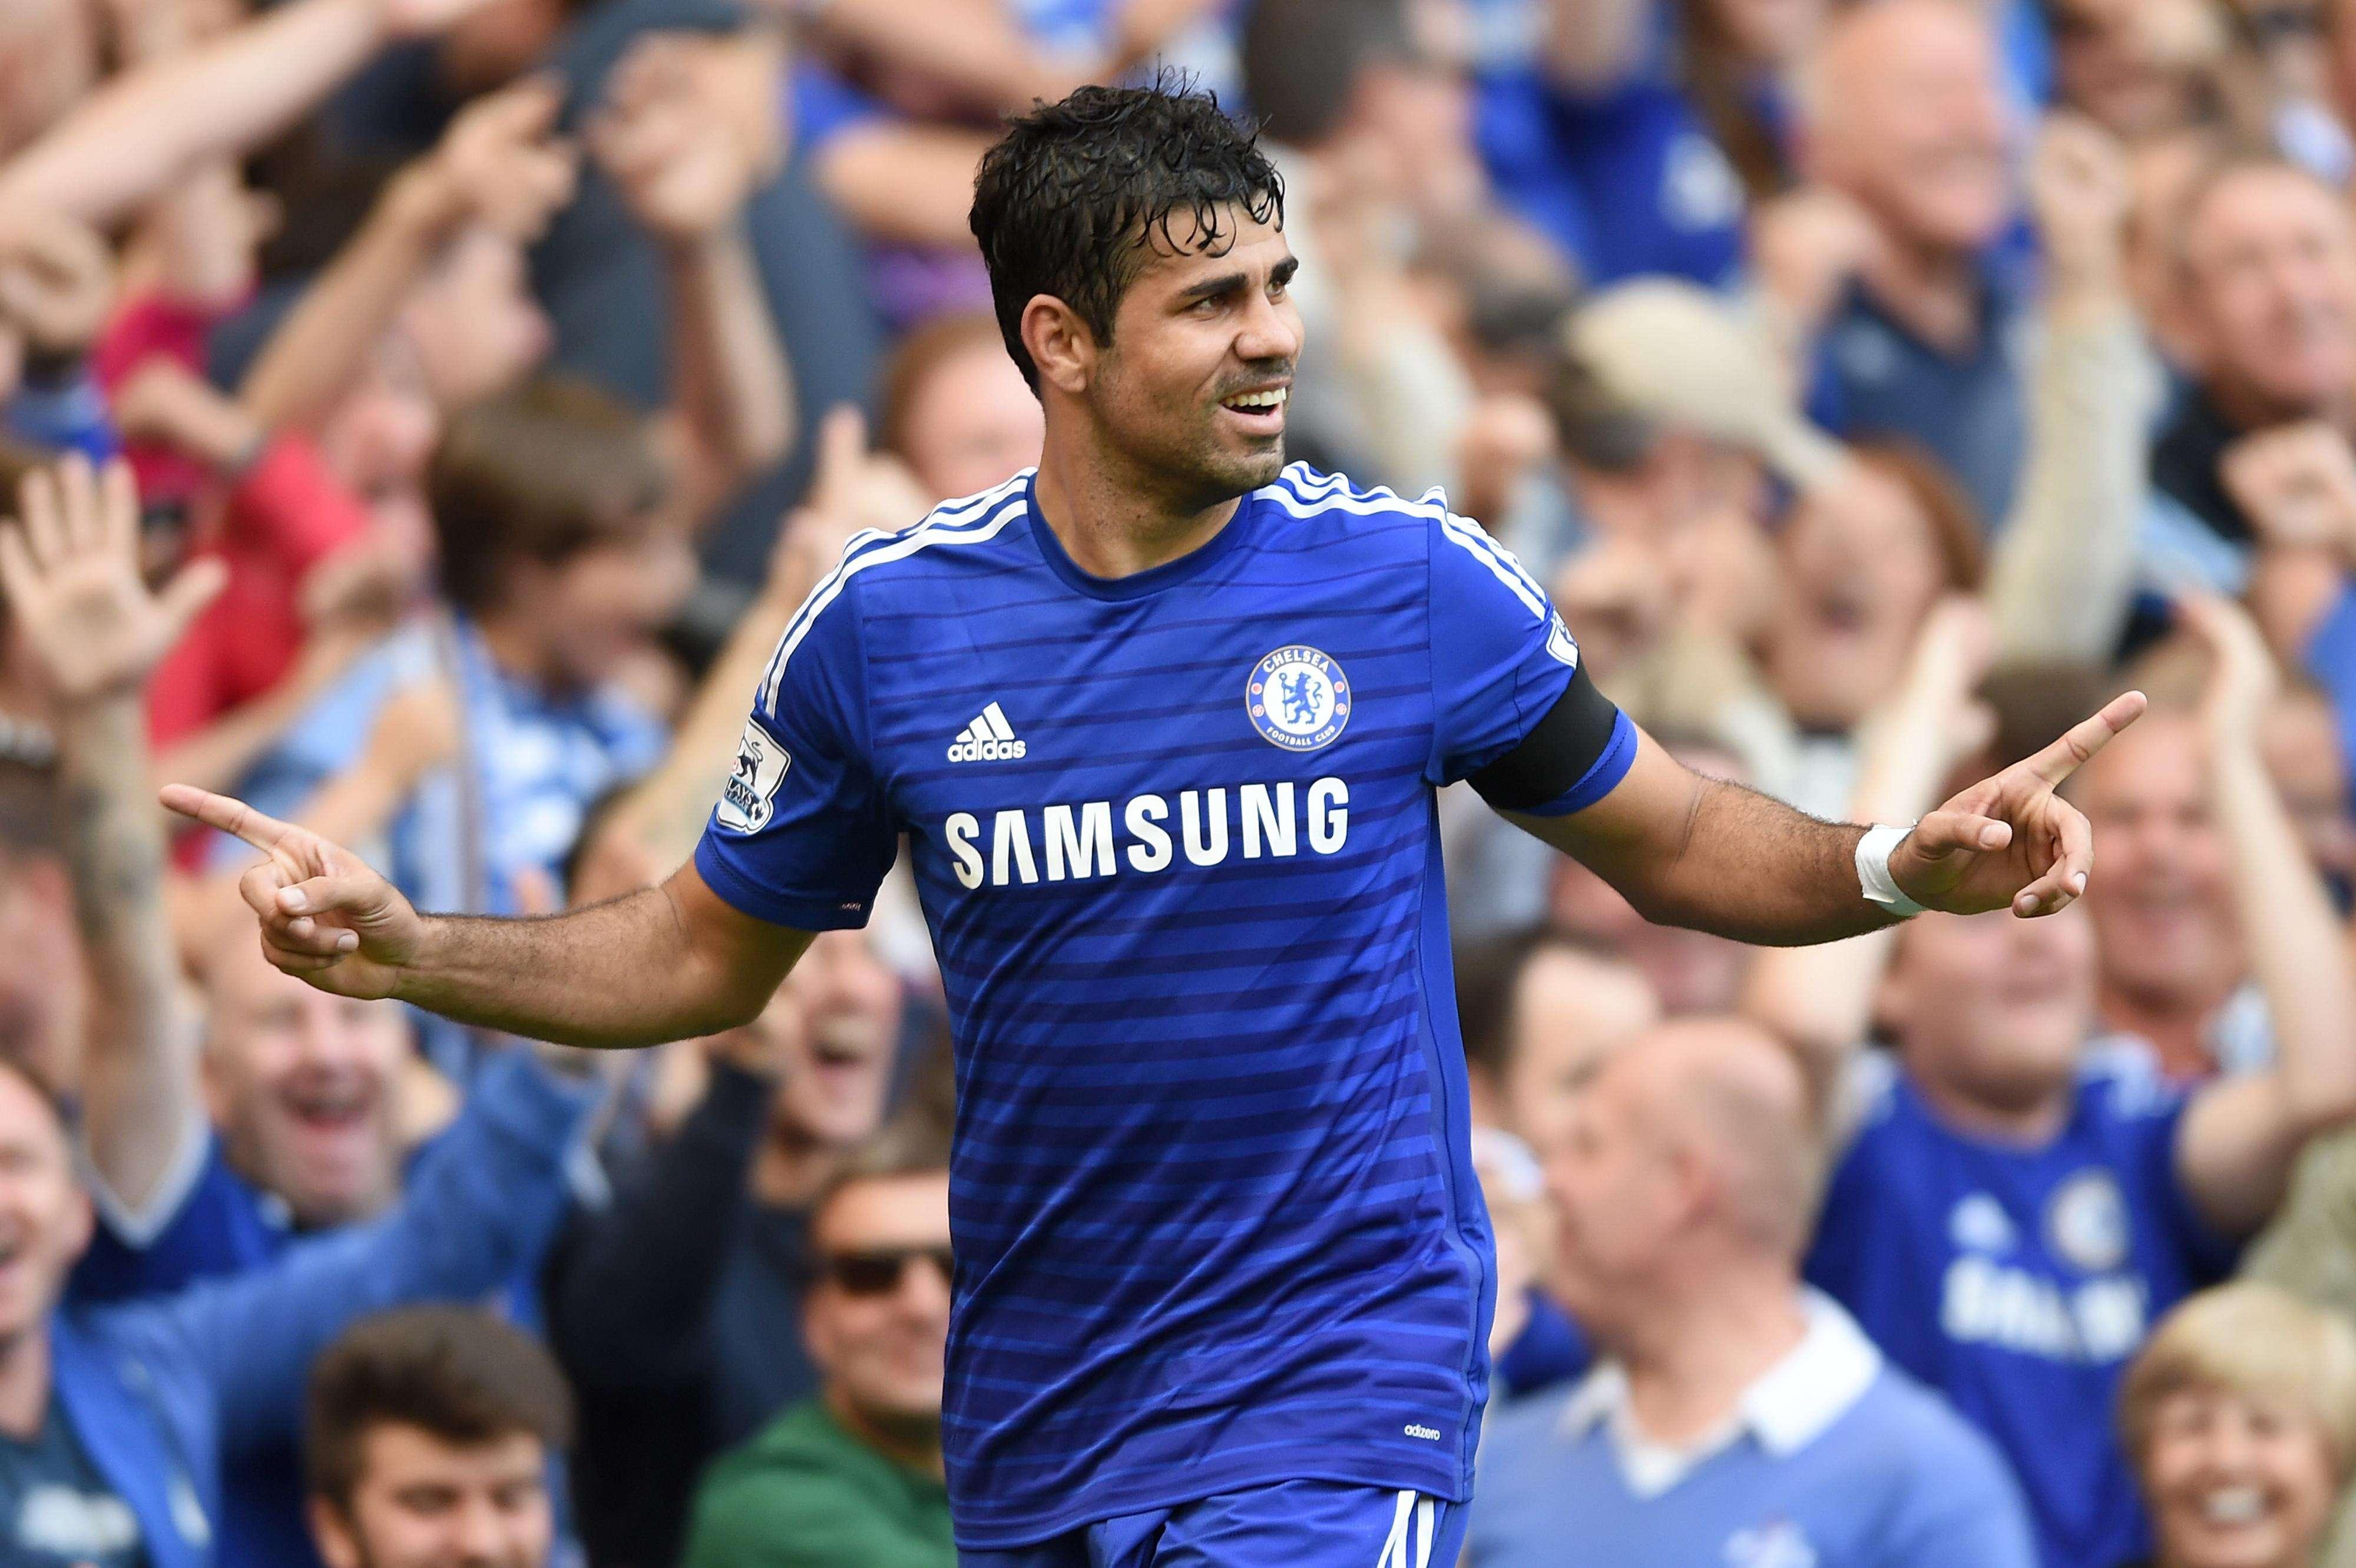 Diego Costa comemora um de seus três gols Foto: Tim Ireland/AP